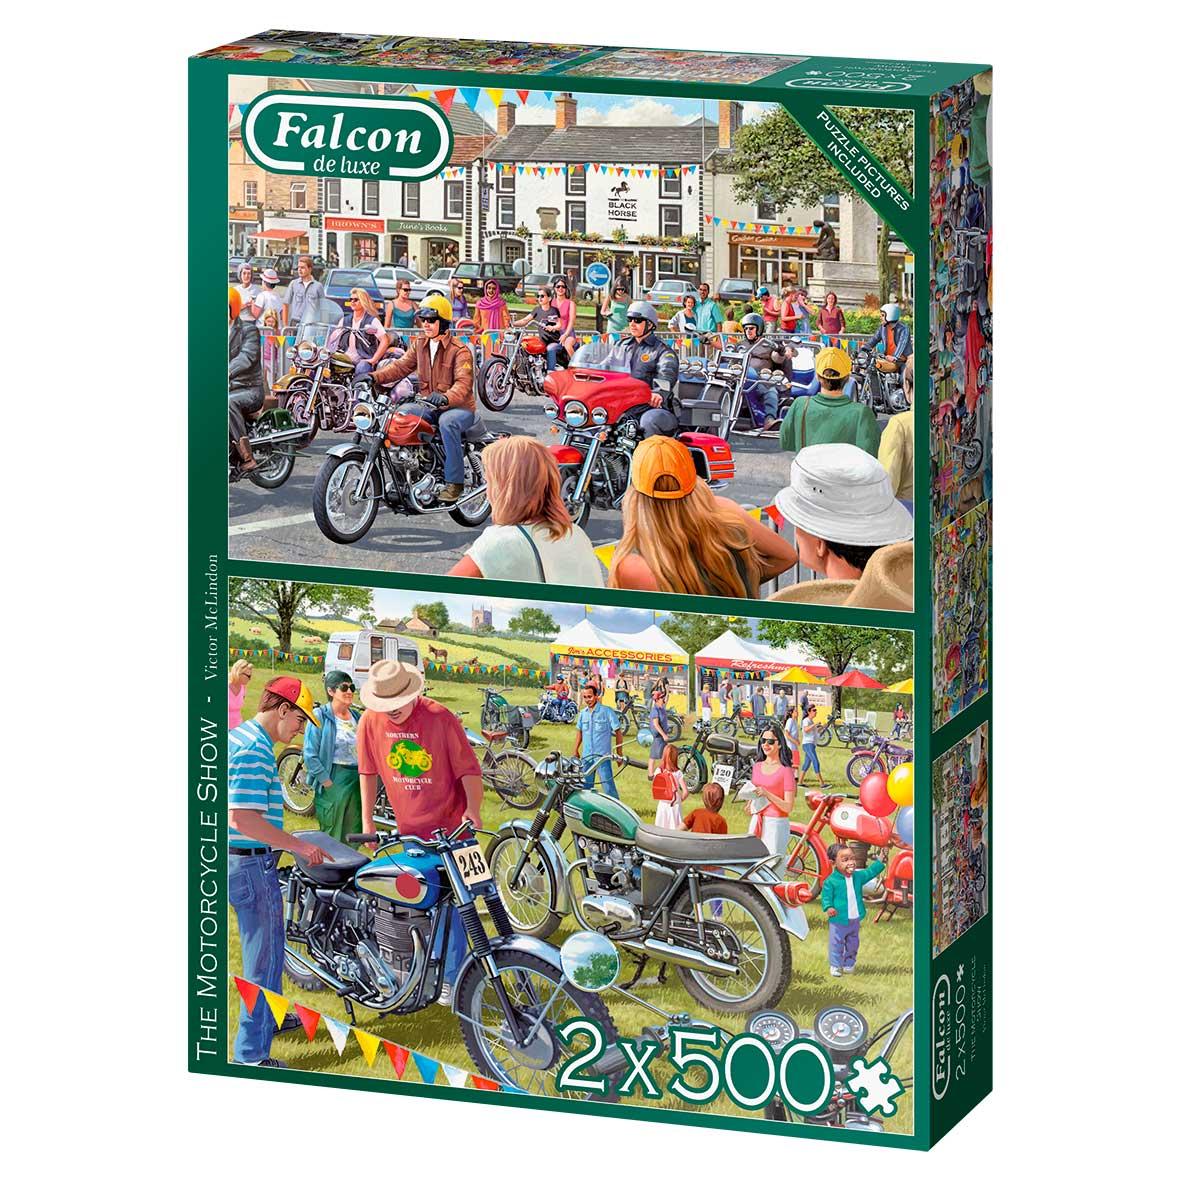 Puzzle Falcon El Show de las Motocicletas de 2 x 500 Pzs